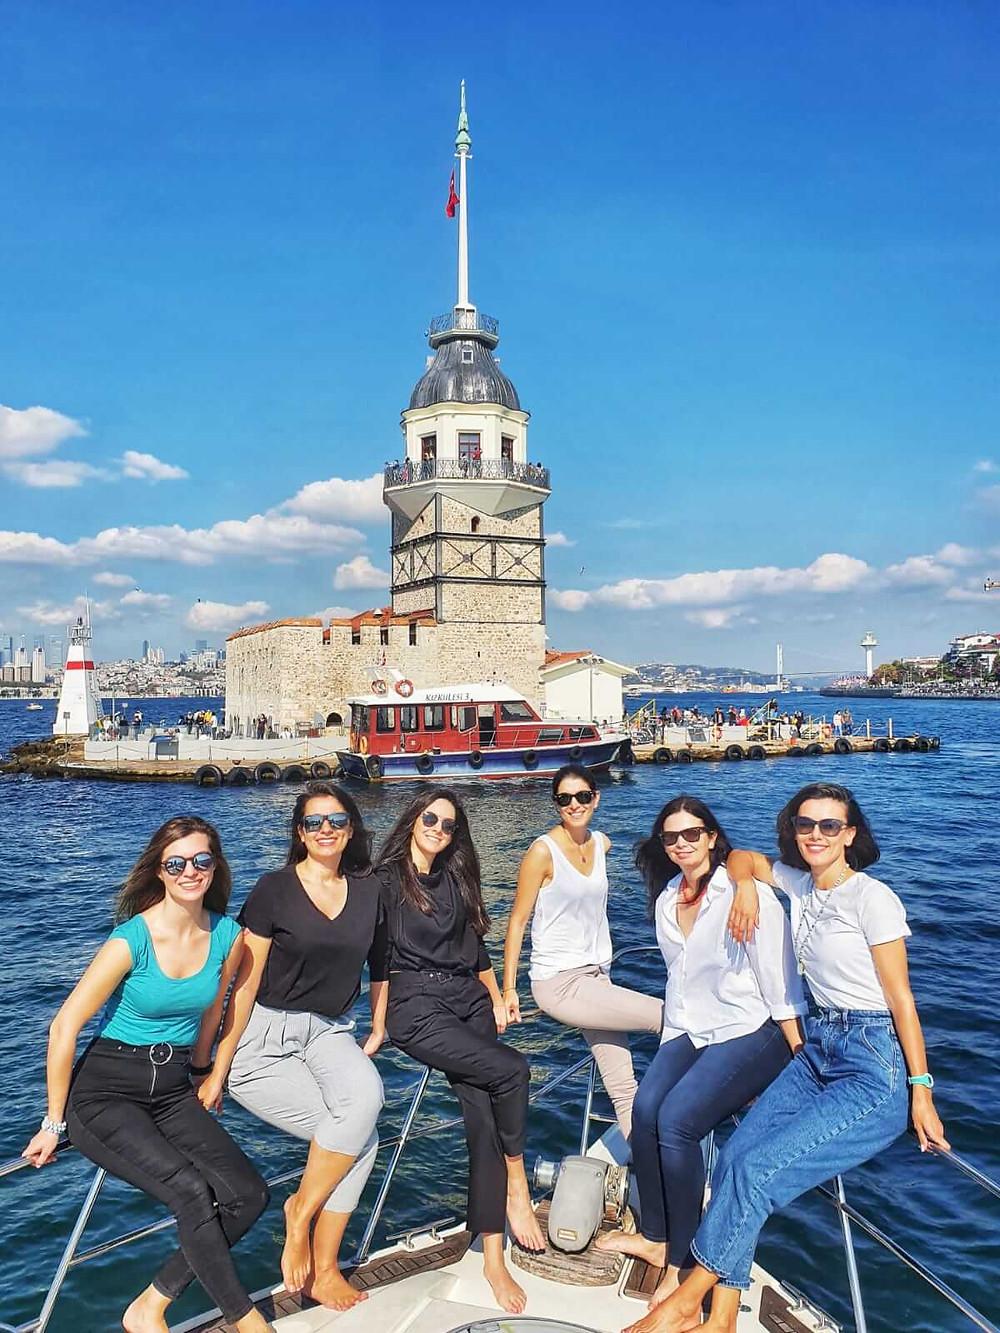 kız kulesi, yemekli yat turları, tarihi yarımada, boğaz, boğaz tur, maiden's tower, bosphorus tour, yacht rental, boat tour istanbul, yat kiralama, tekne kiralama, özel yat turu, tekne turu